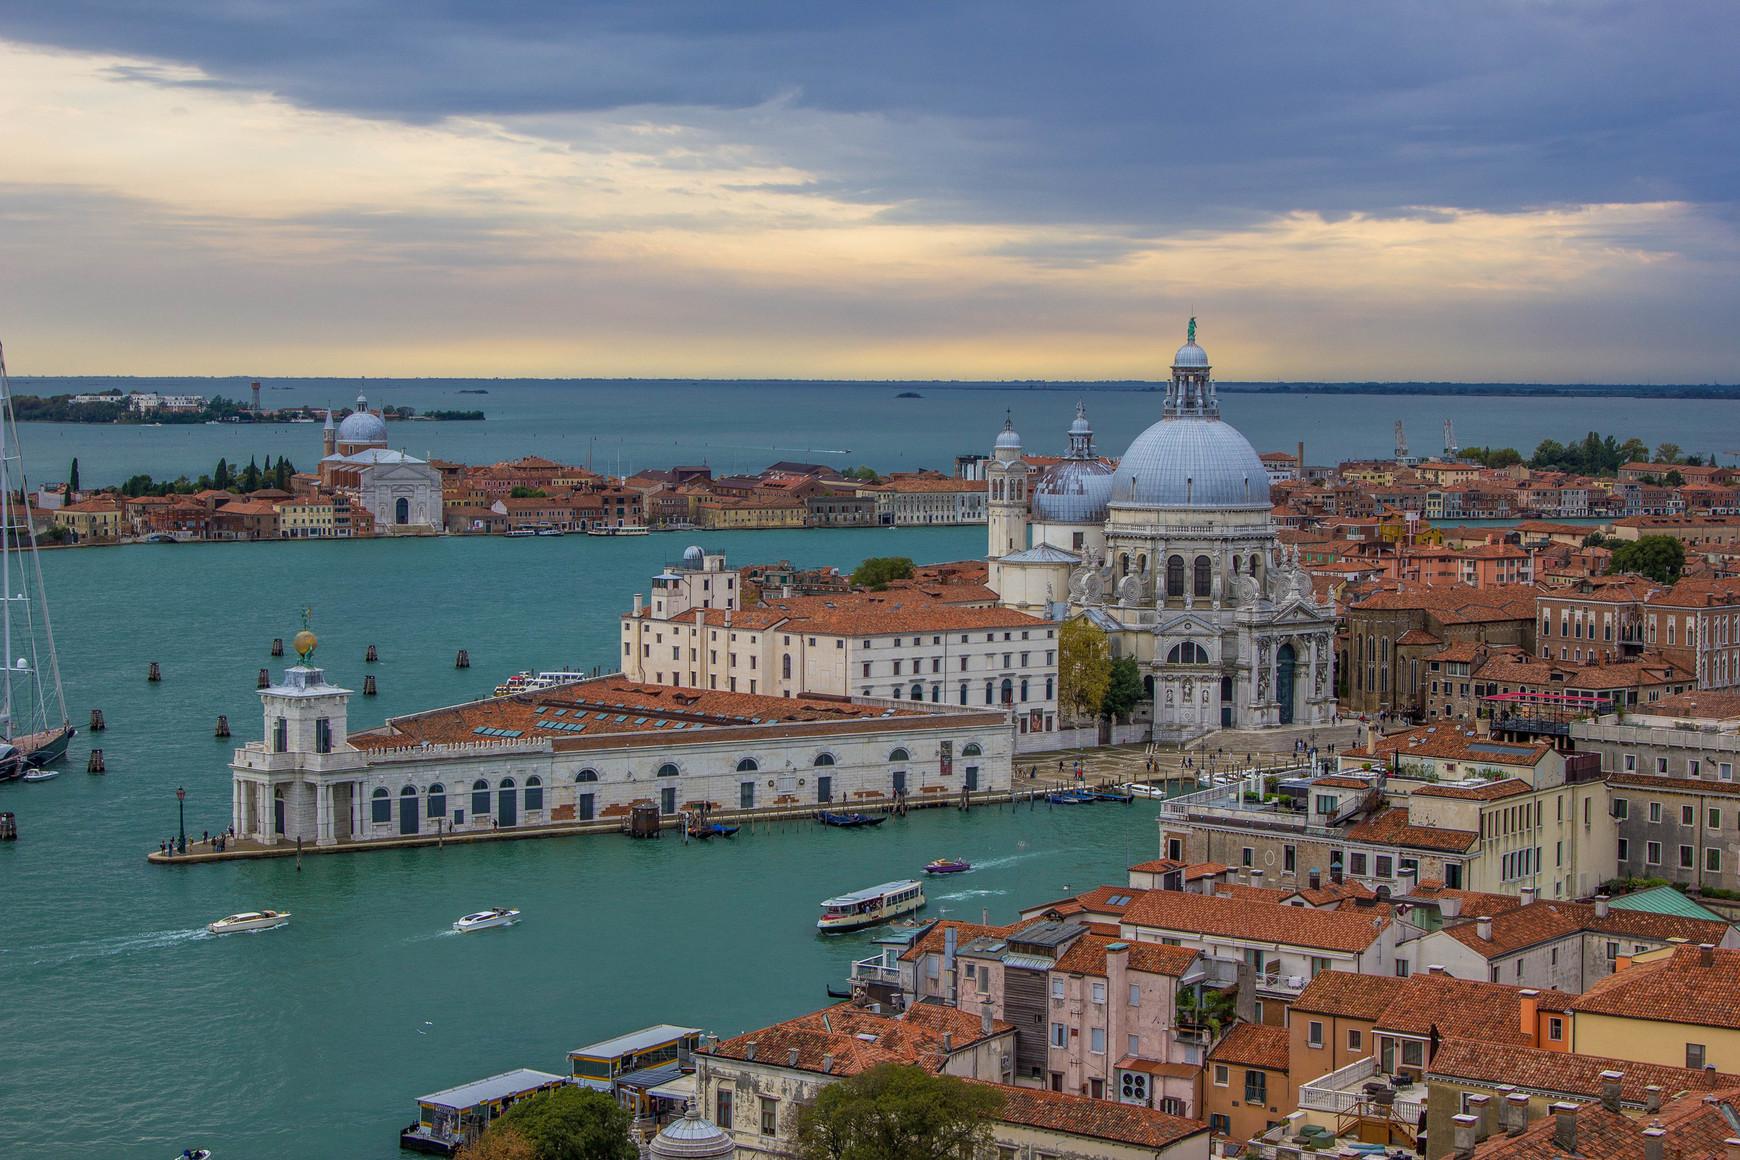 Что посмотреть в Венеции за один день — карта достопримечательностей Венеции с описанием и фото